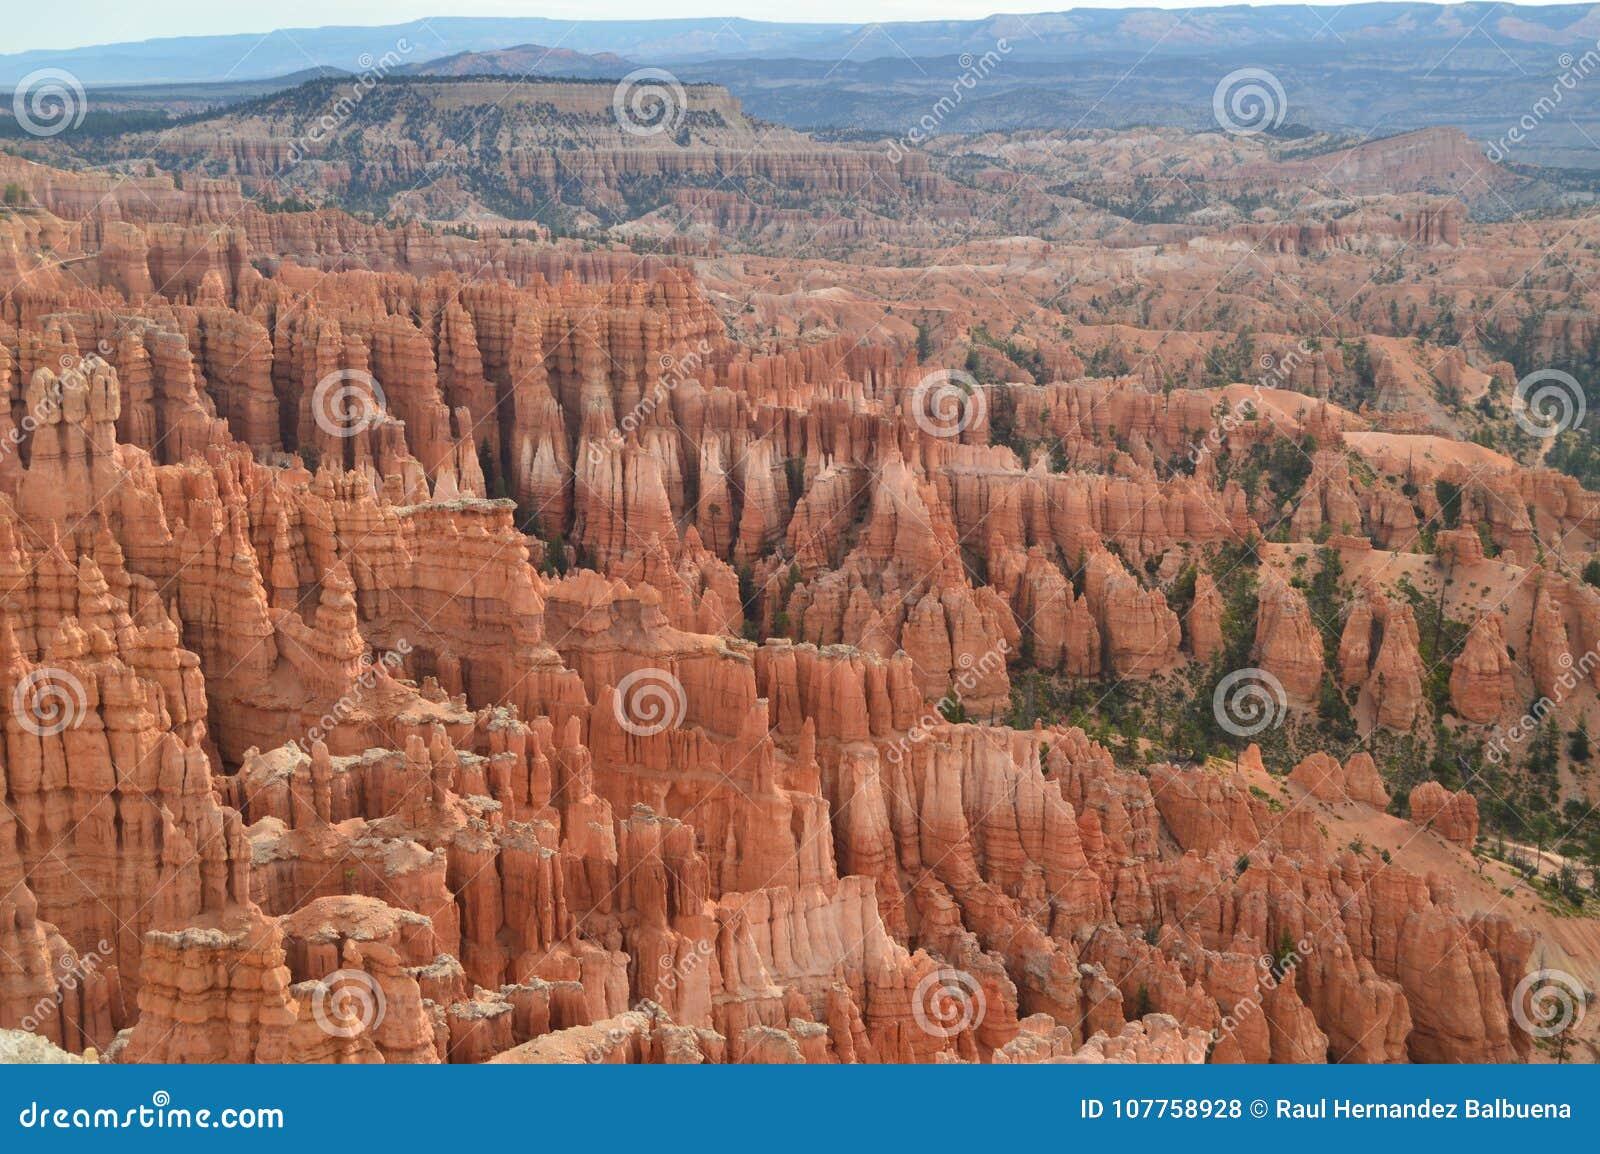 Formations merveilleuses de Hodes en Bryce Canyon géologie Voyage nature